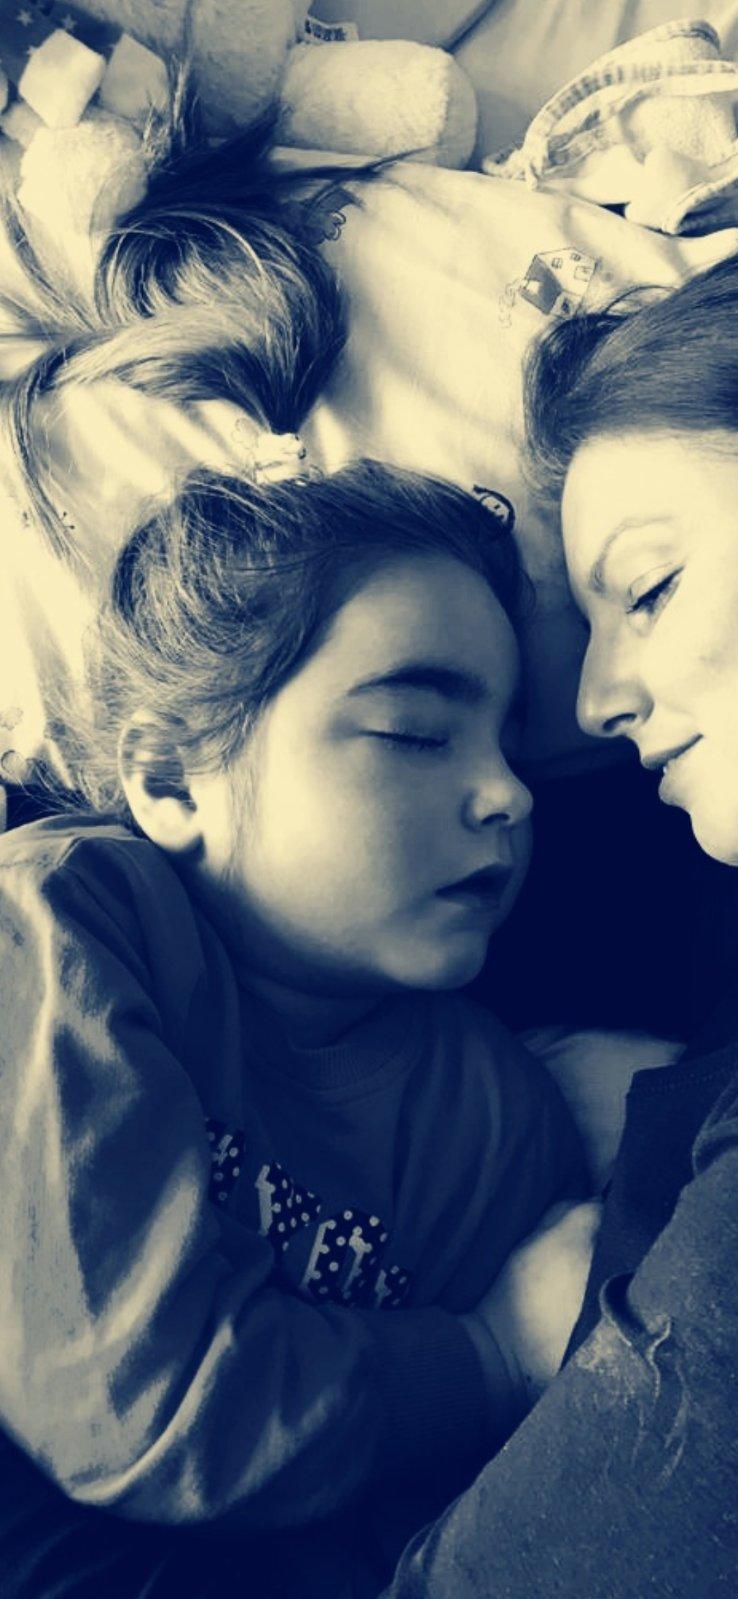 Maya and Joana hospital stay